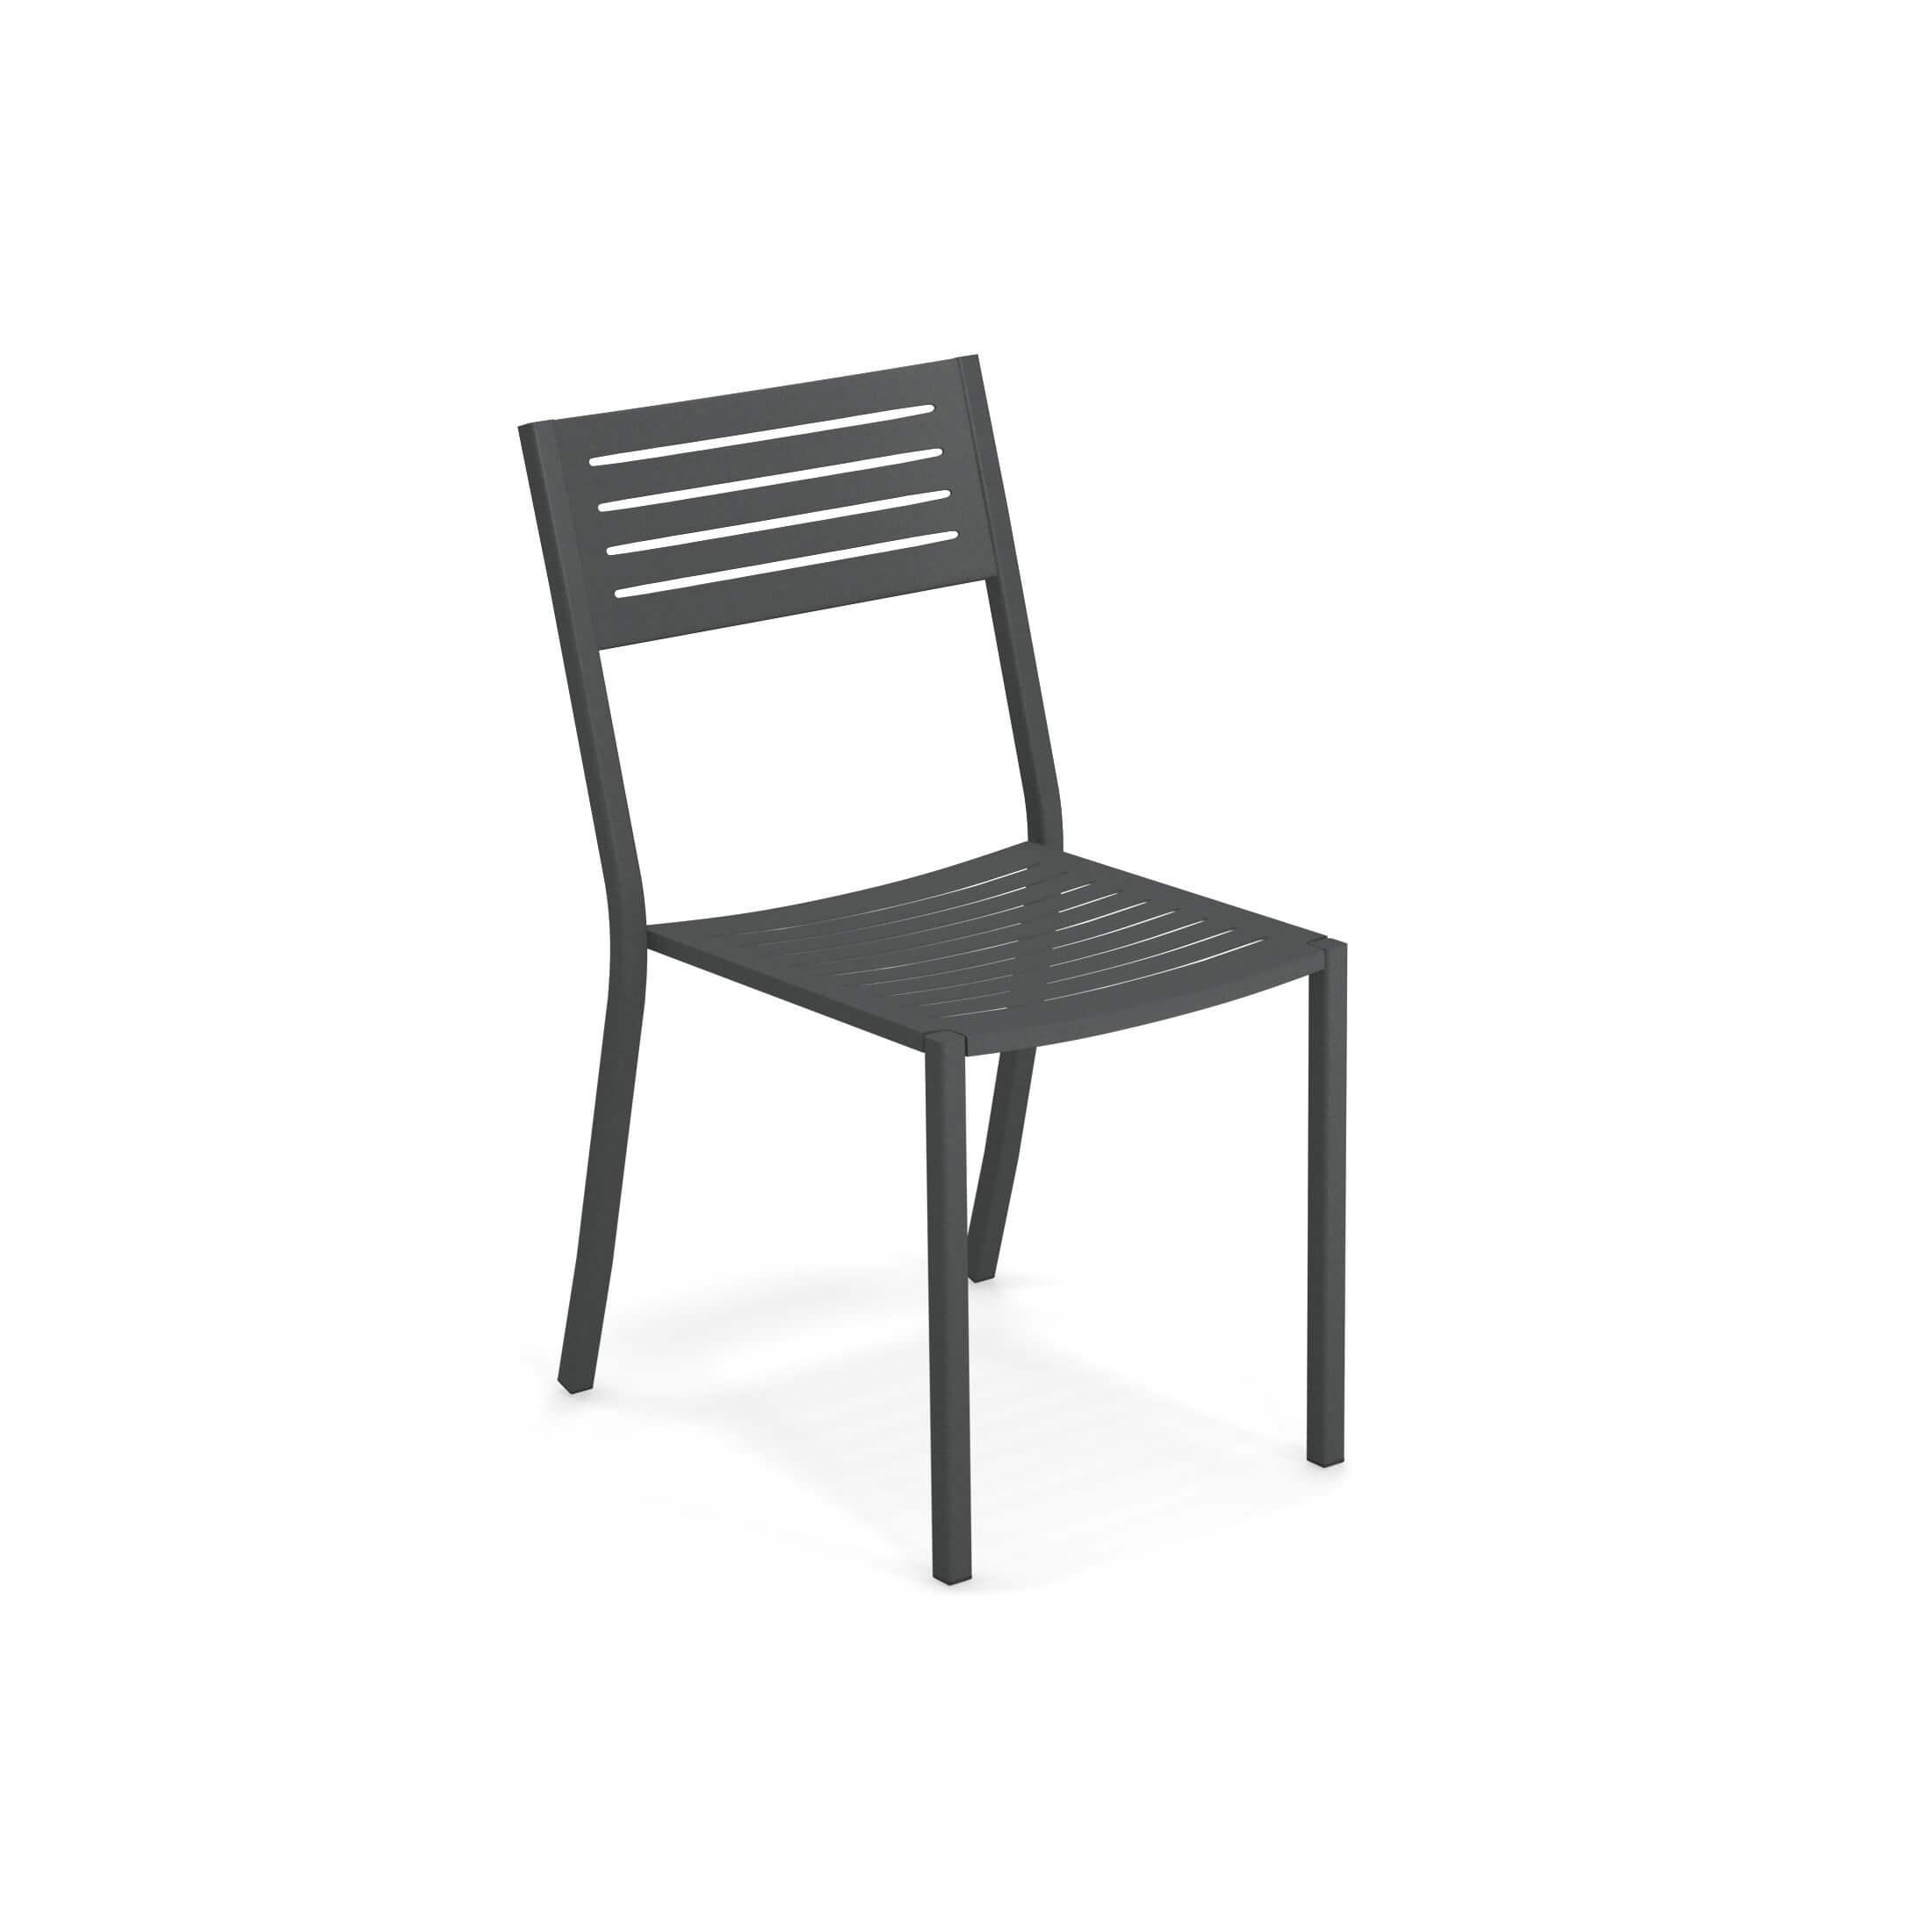 promo sedia segno grigia di emu